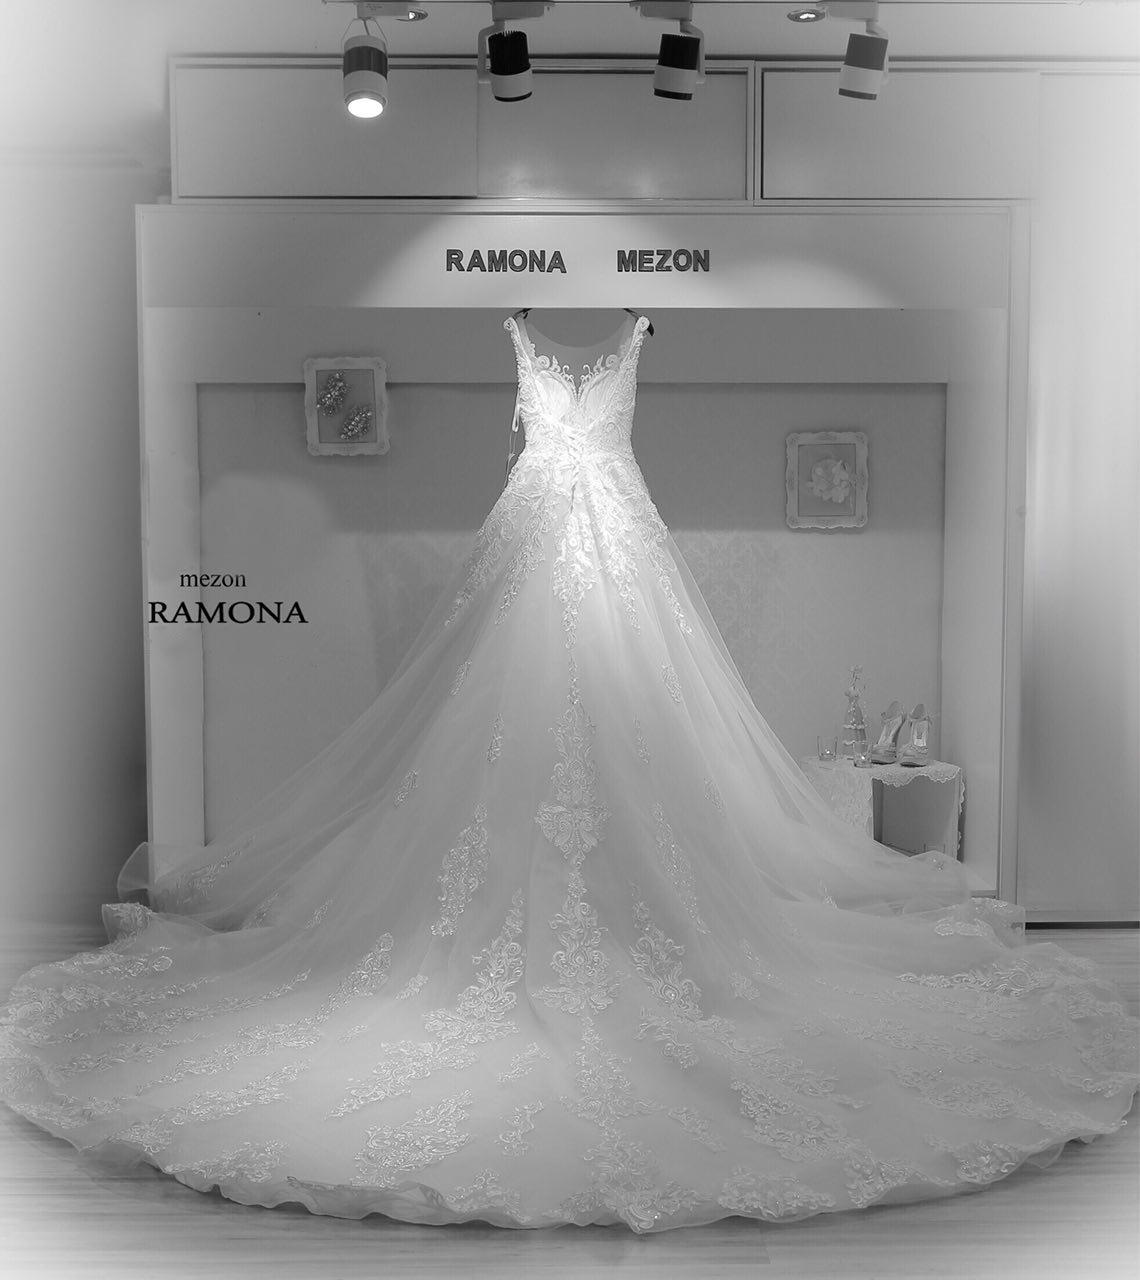 مزون رامونا (تاج محل سابق) | لباس عروس مدرن